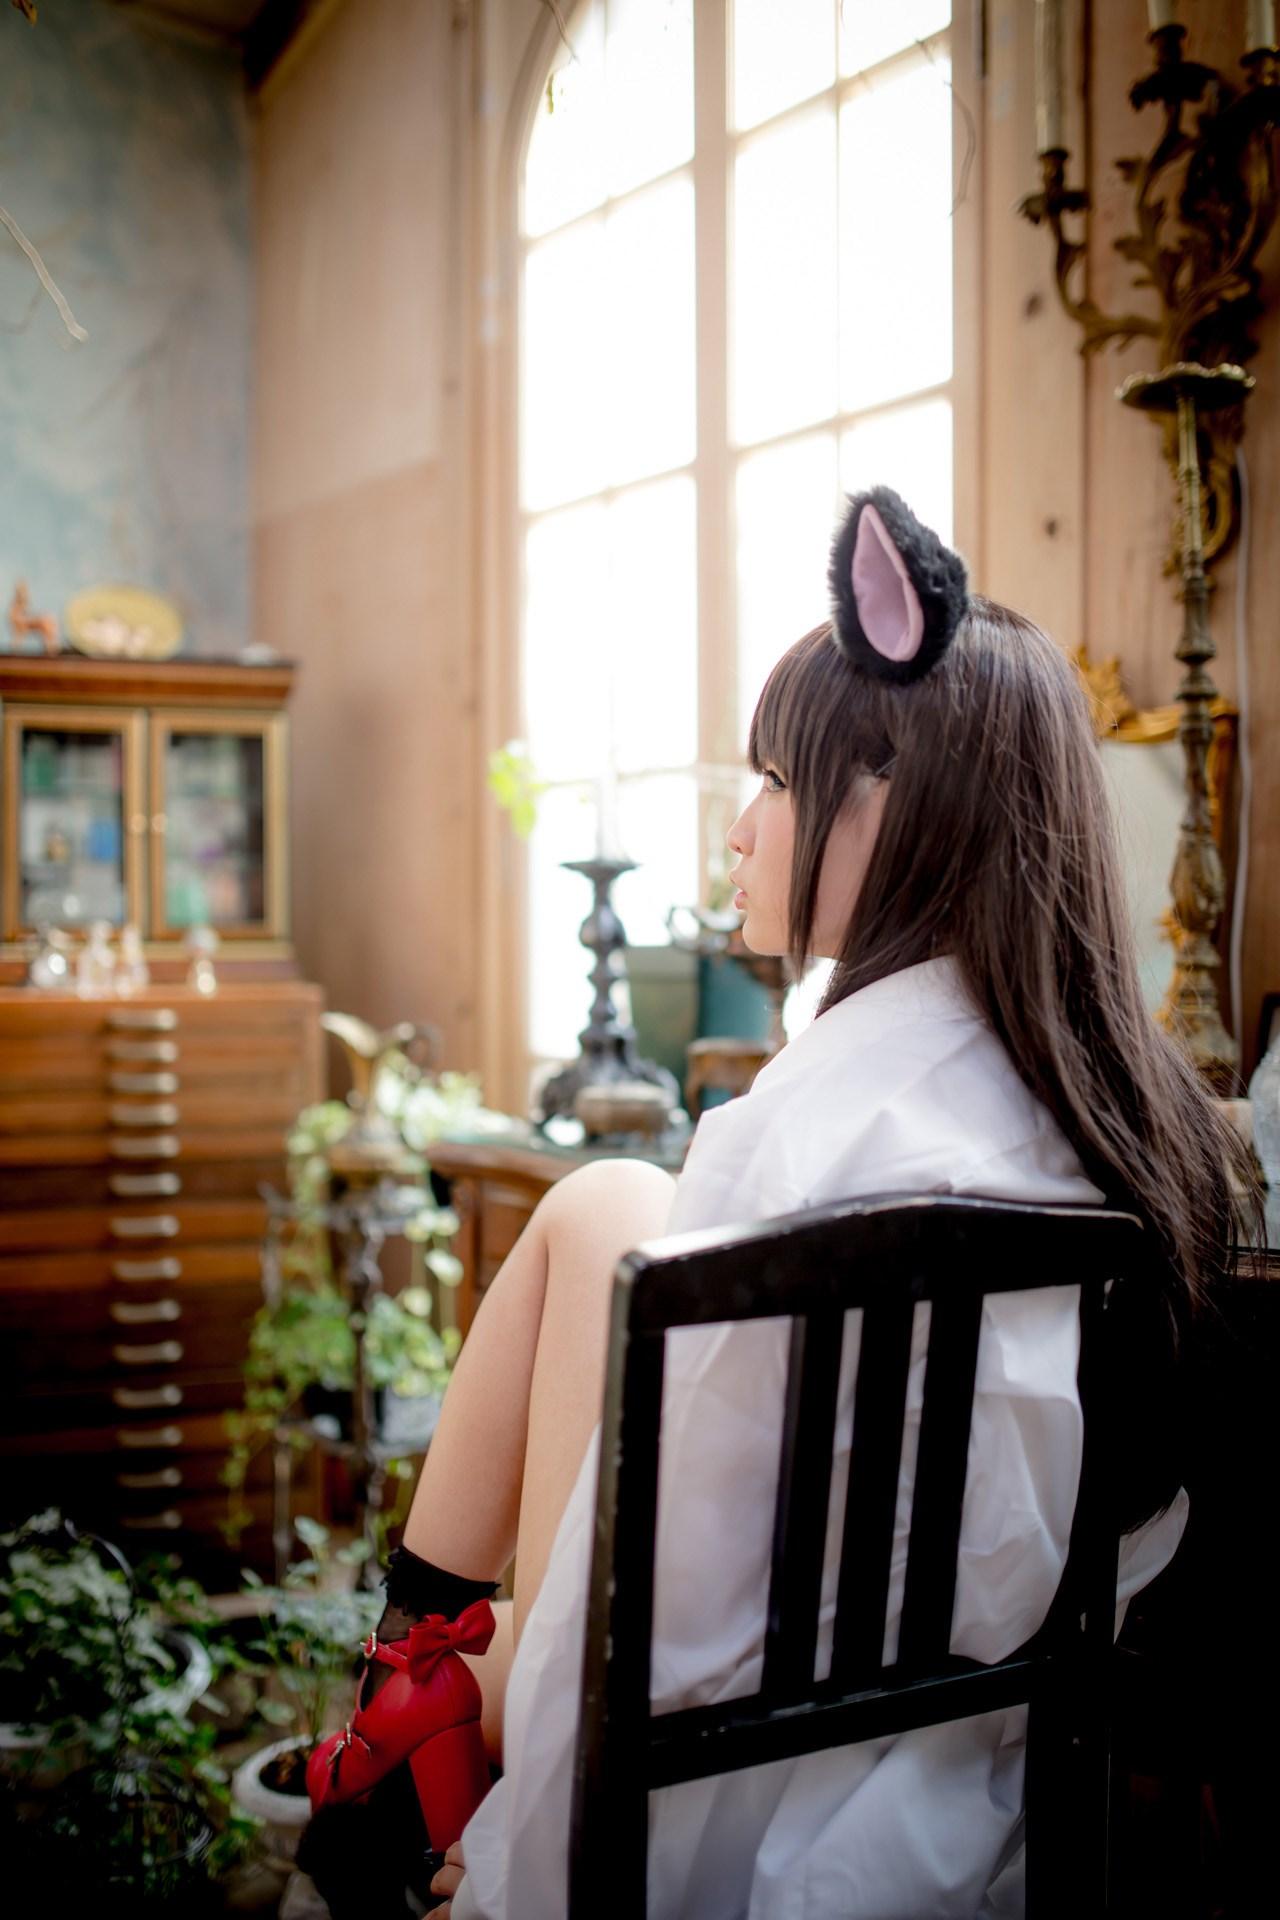 【兔玩映画】猫耳娘 兔玩映画 第35张